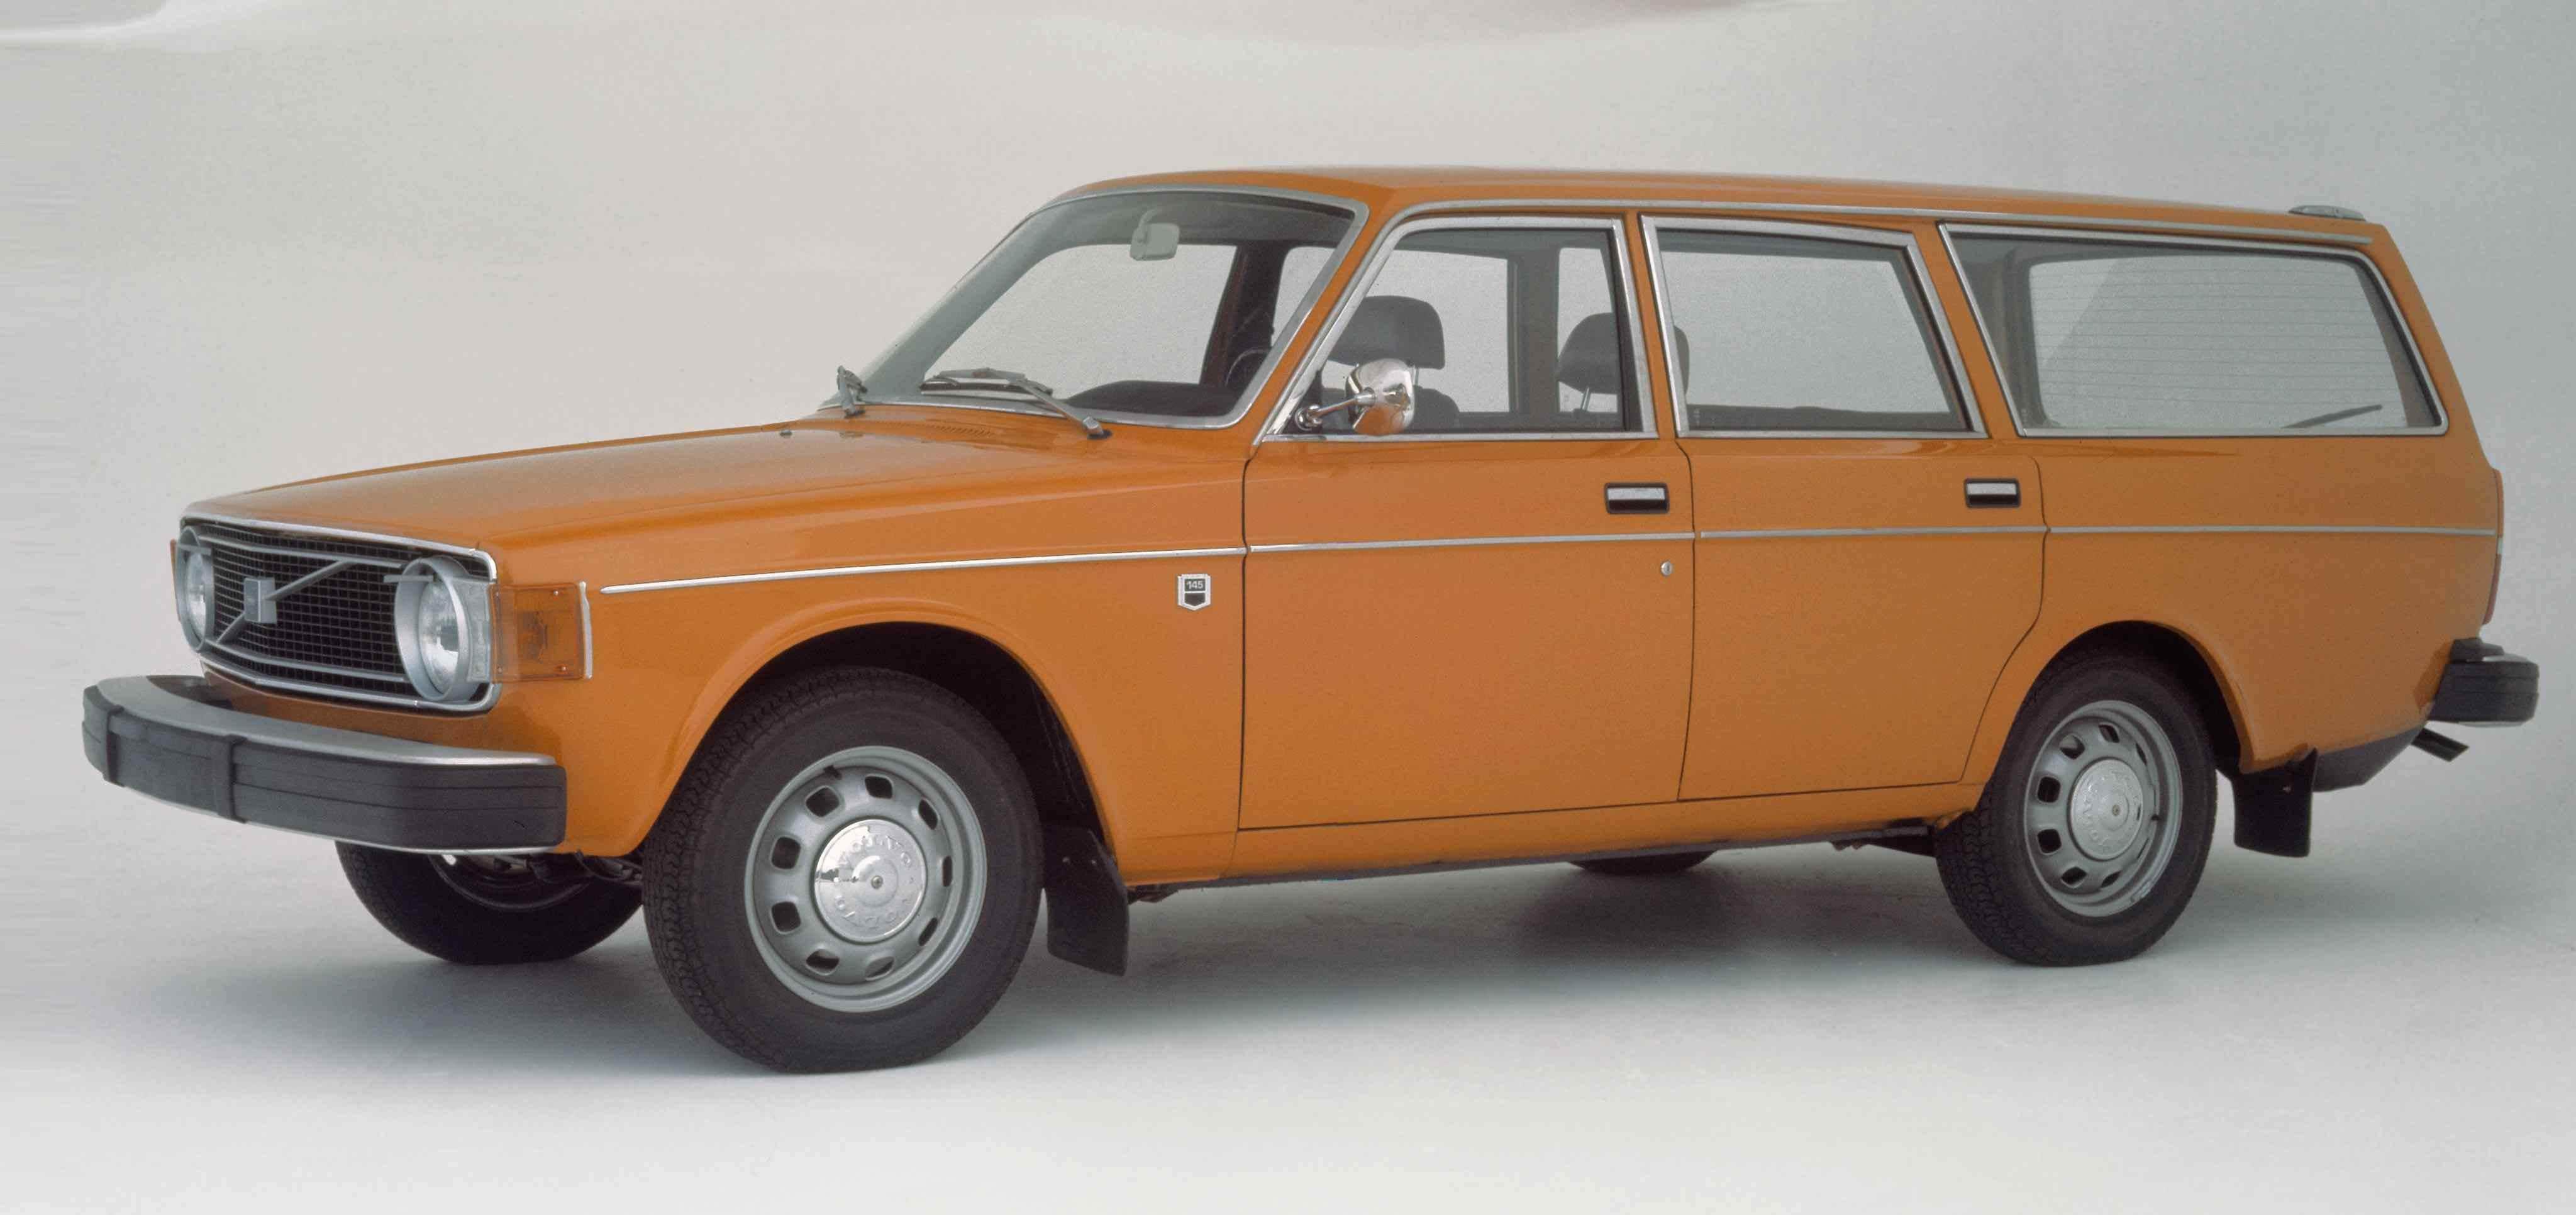 Un Volvo 145 de color naranja en un estudio